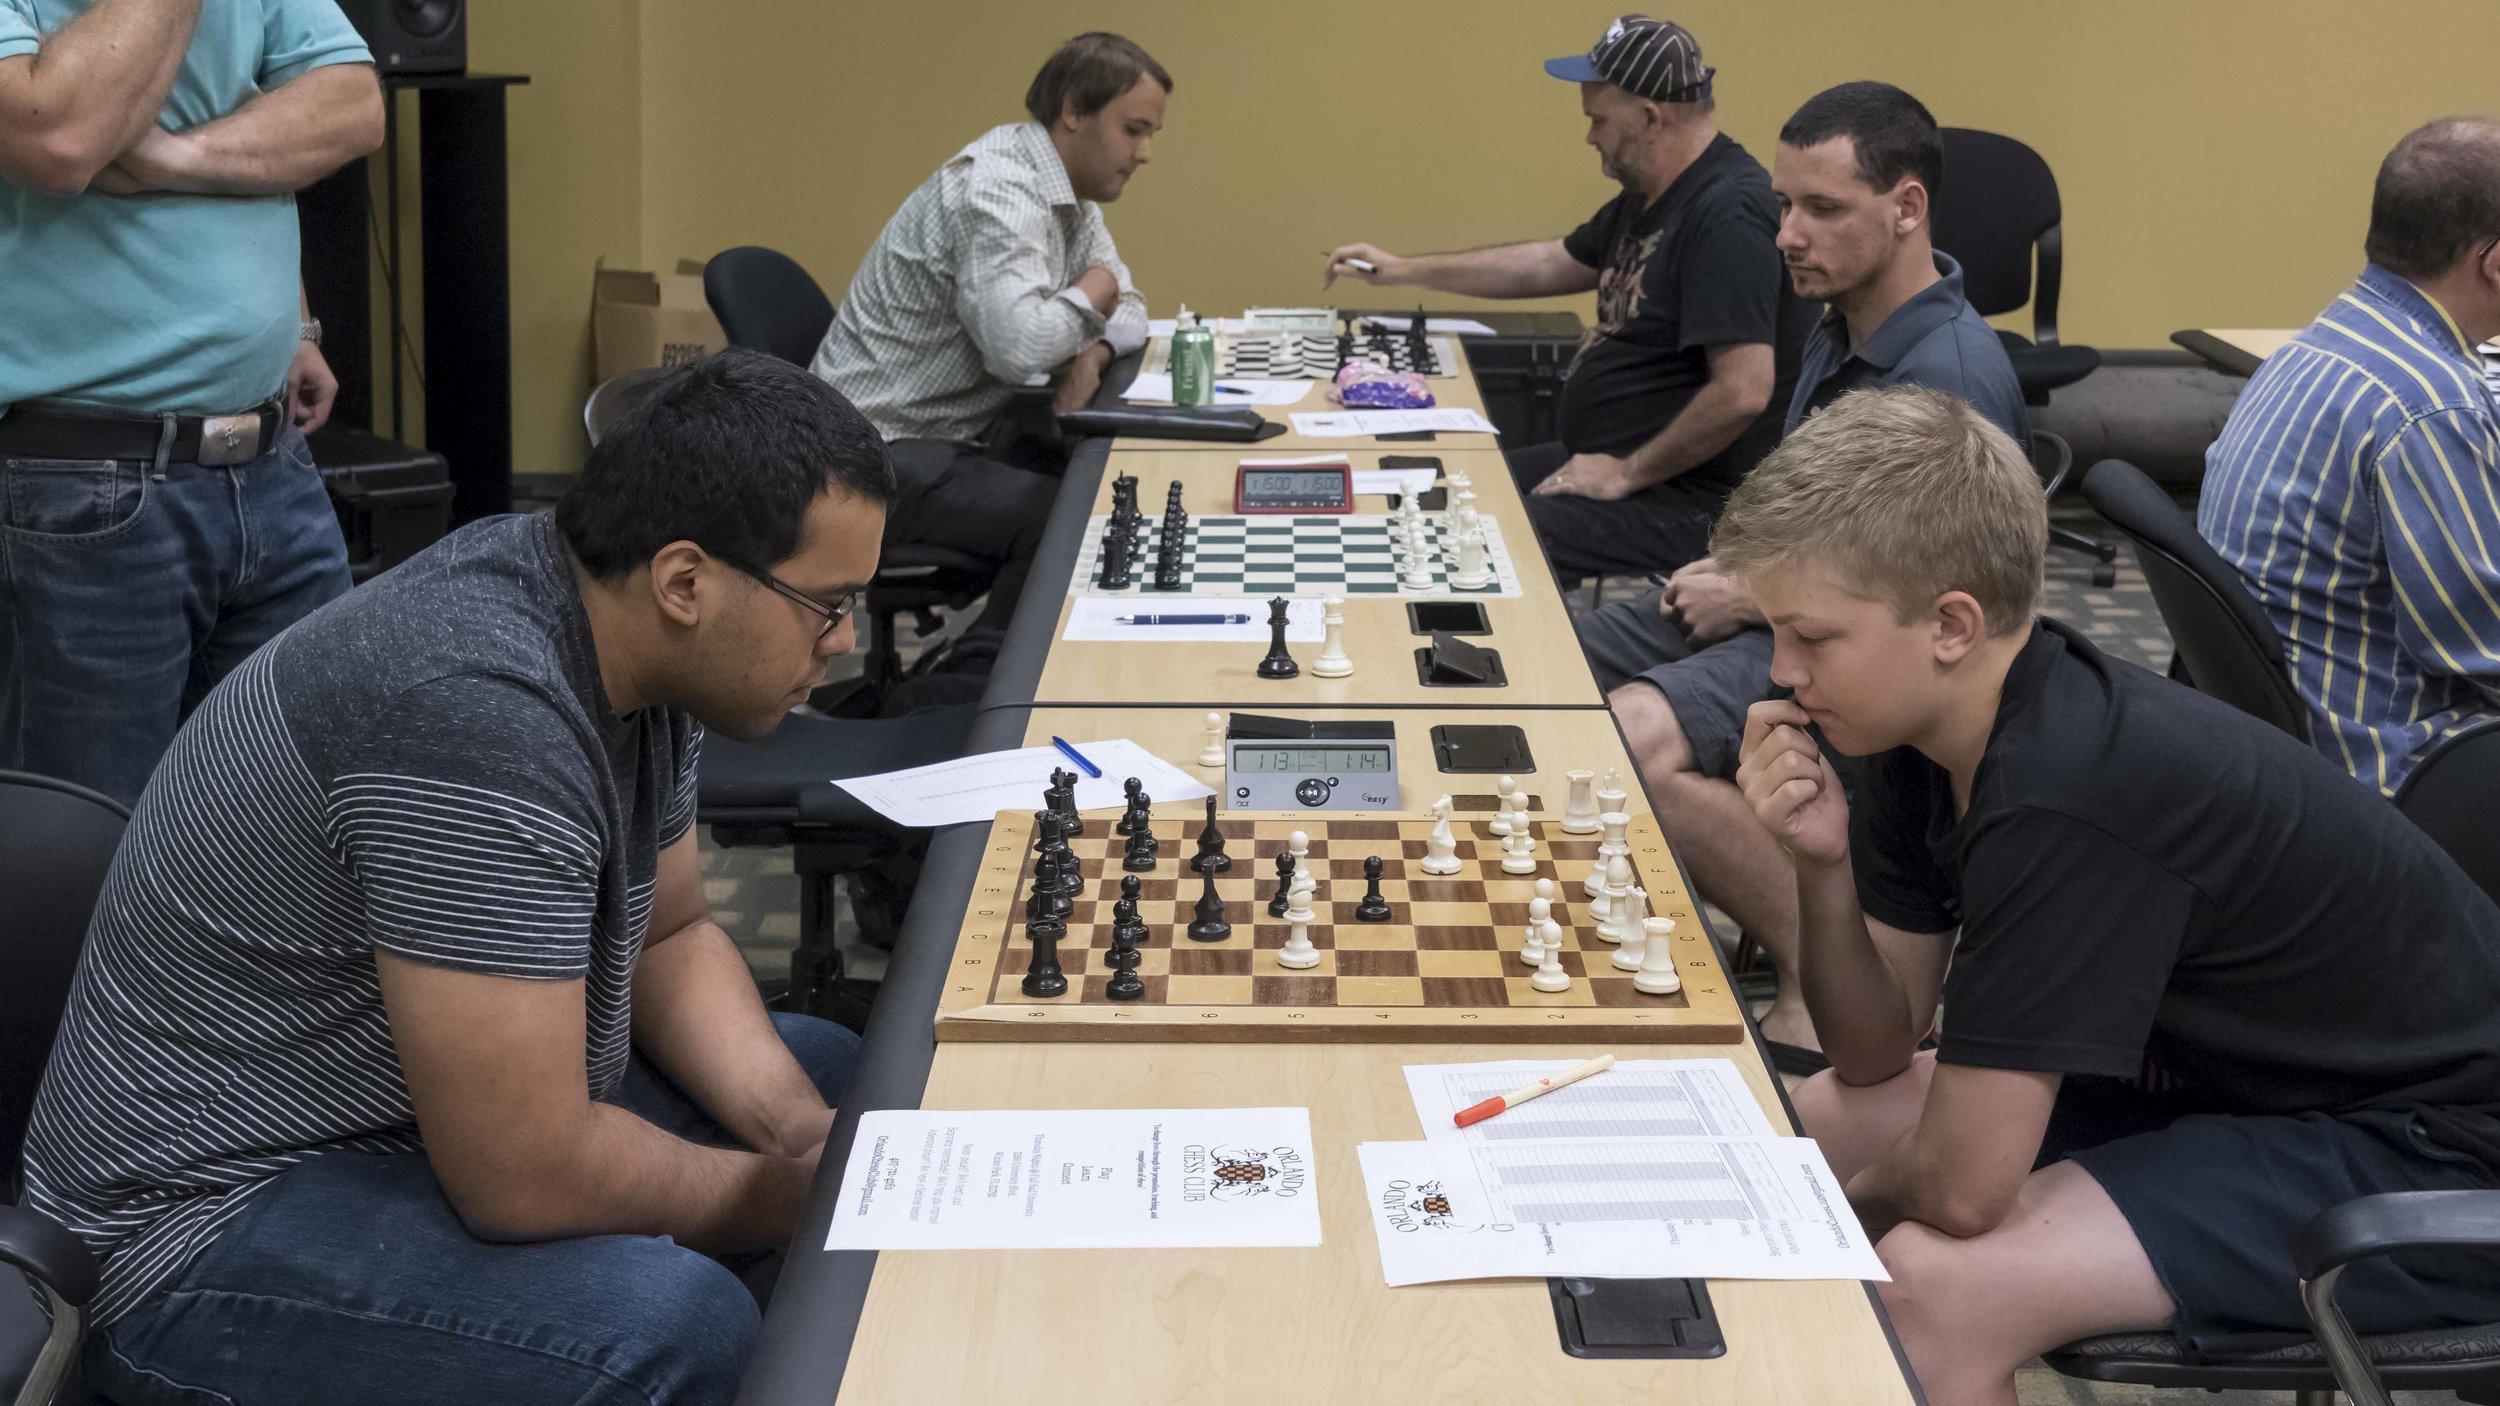 Round 2, board 1, Makaio Krienke (2176) (L) vs Gustav Hestholm (1589, FIDE) (R)